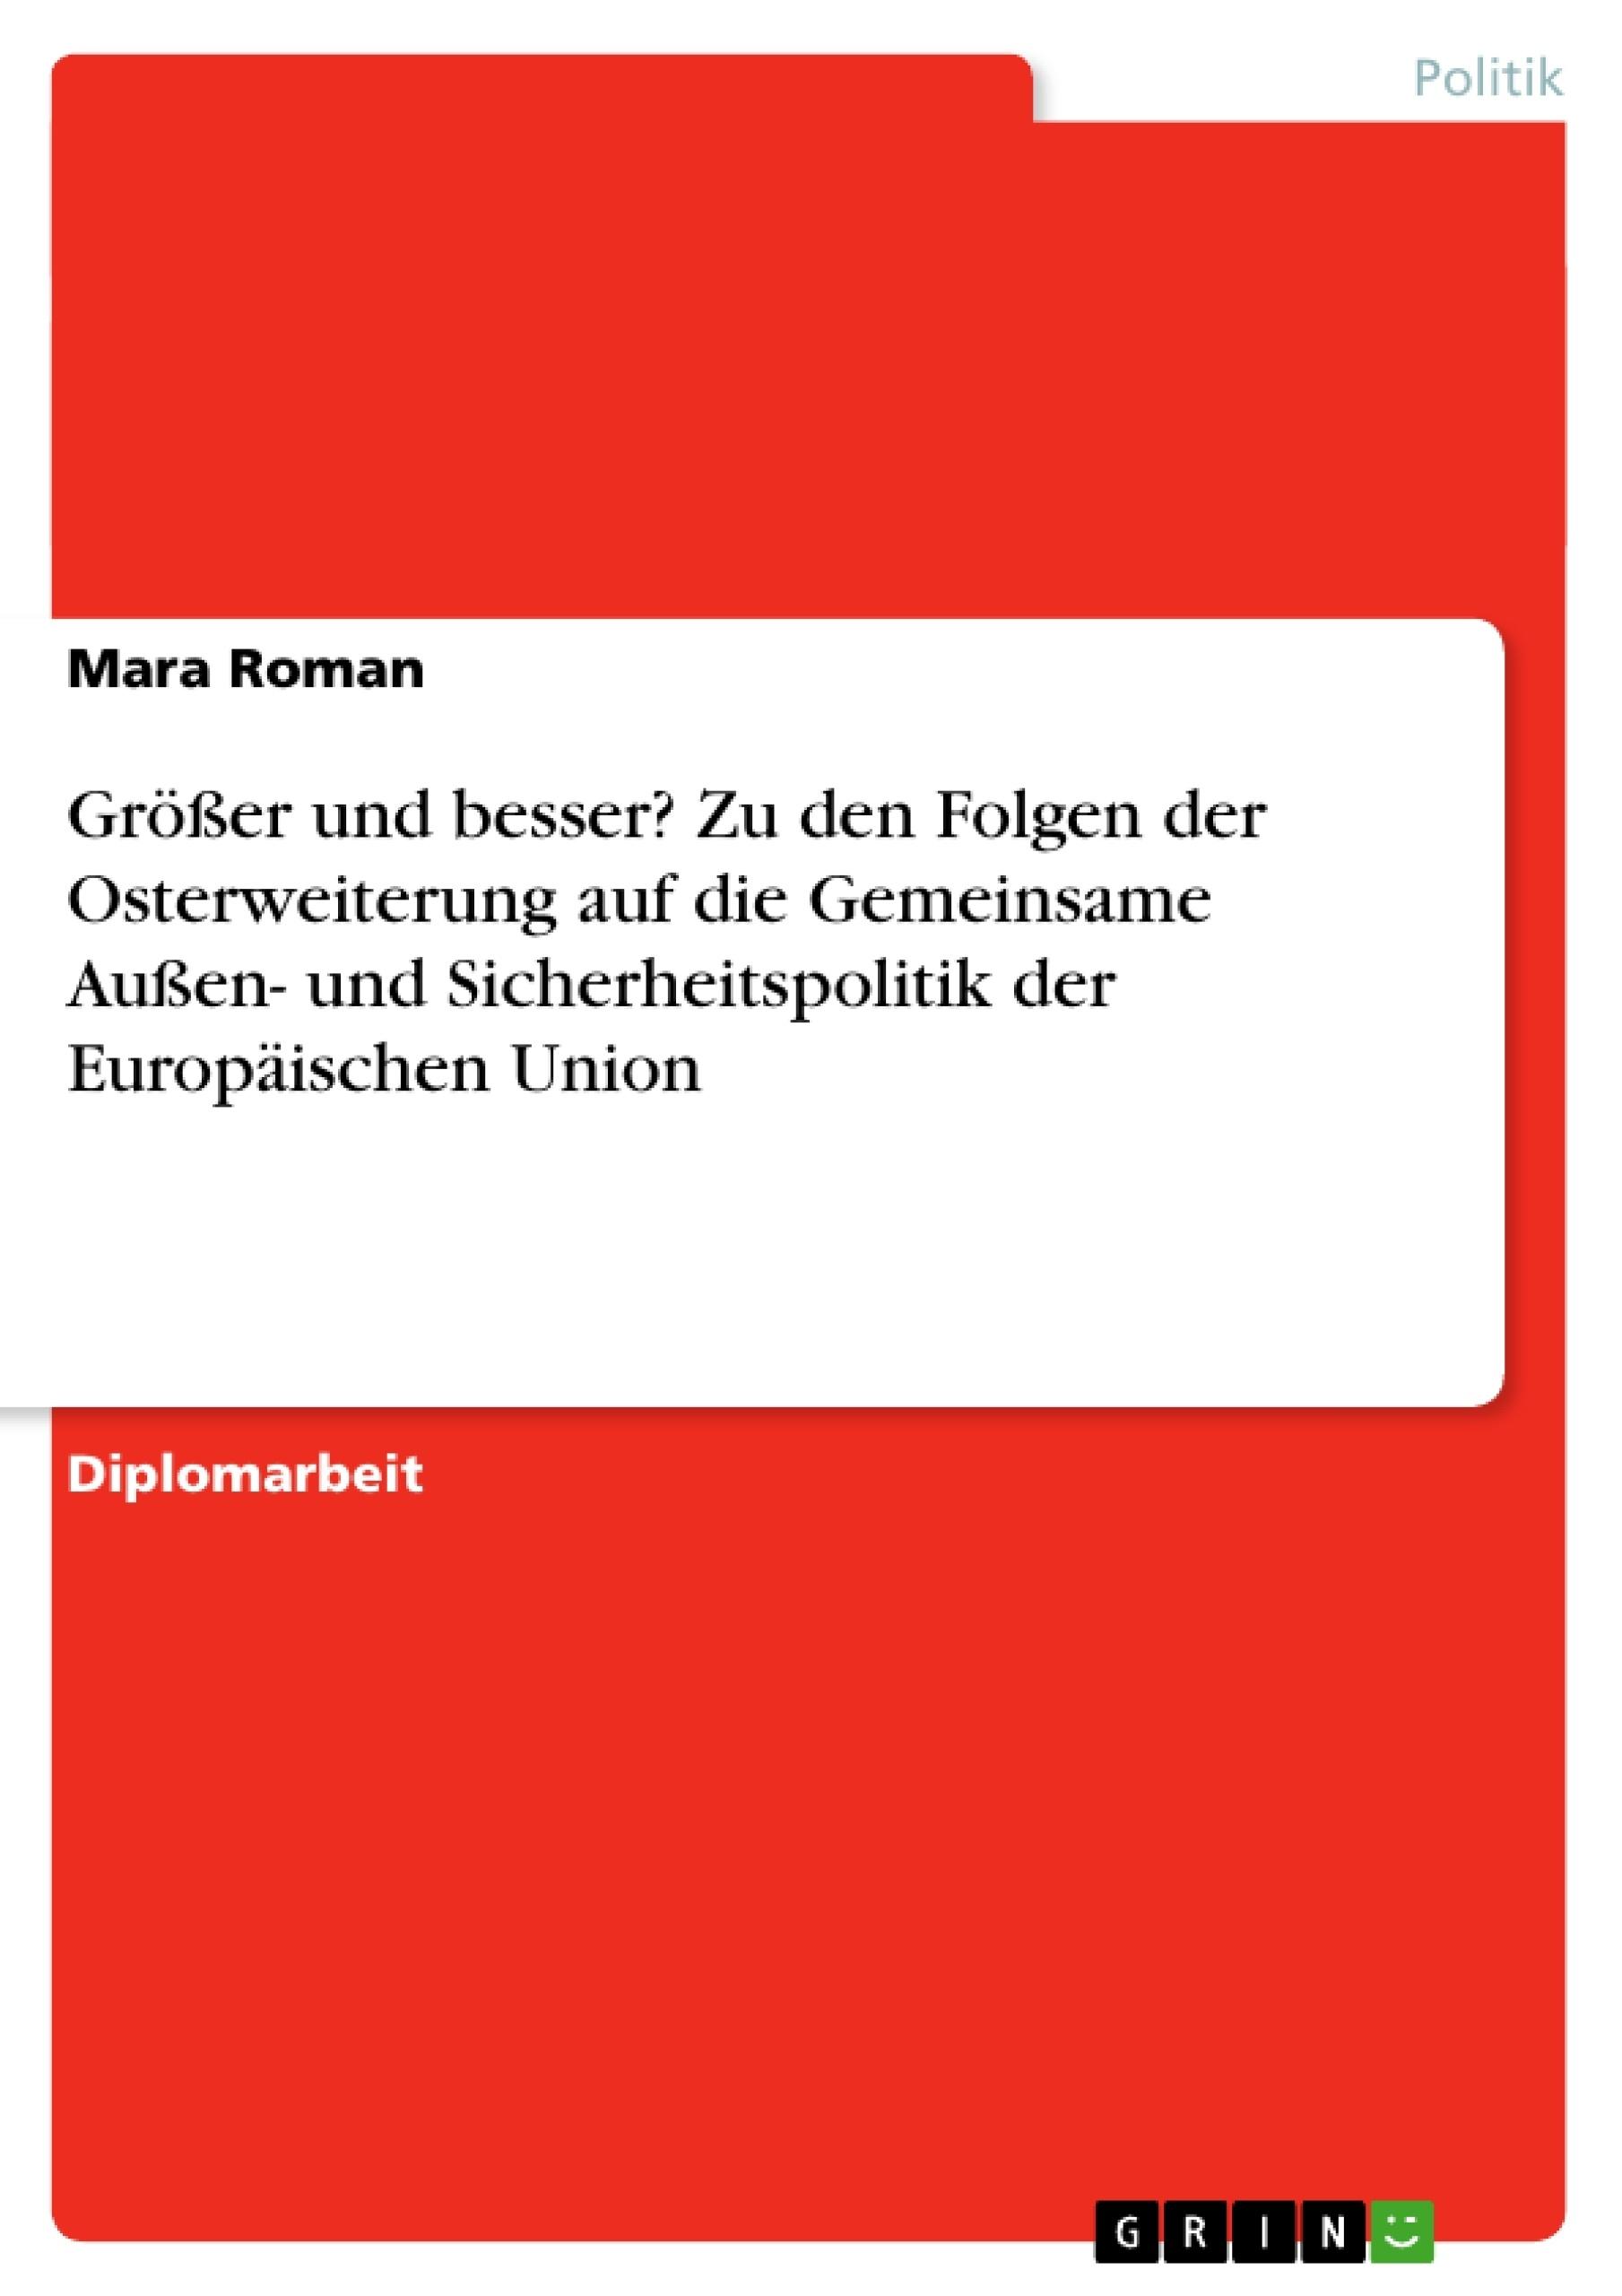 Titel: Größer und besser? Zu den Folgen der Osterweiterung auf die Gemeinsame Außen- und Sicherheitspolitik der Europäischen Union